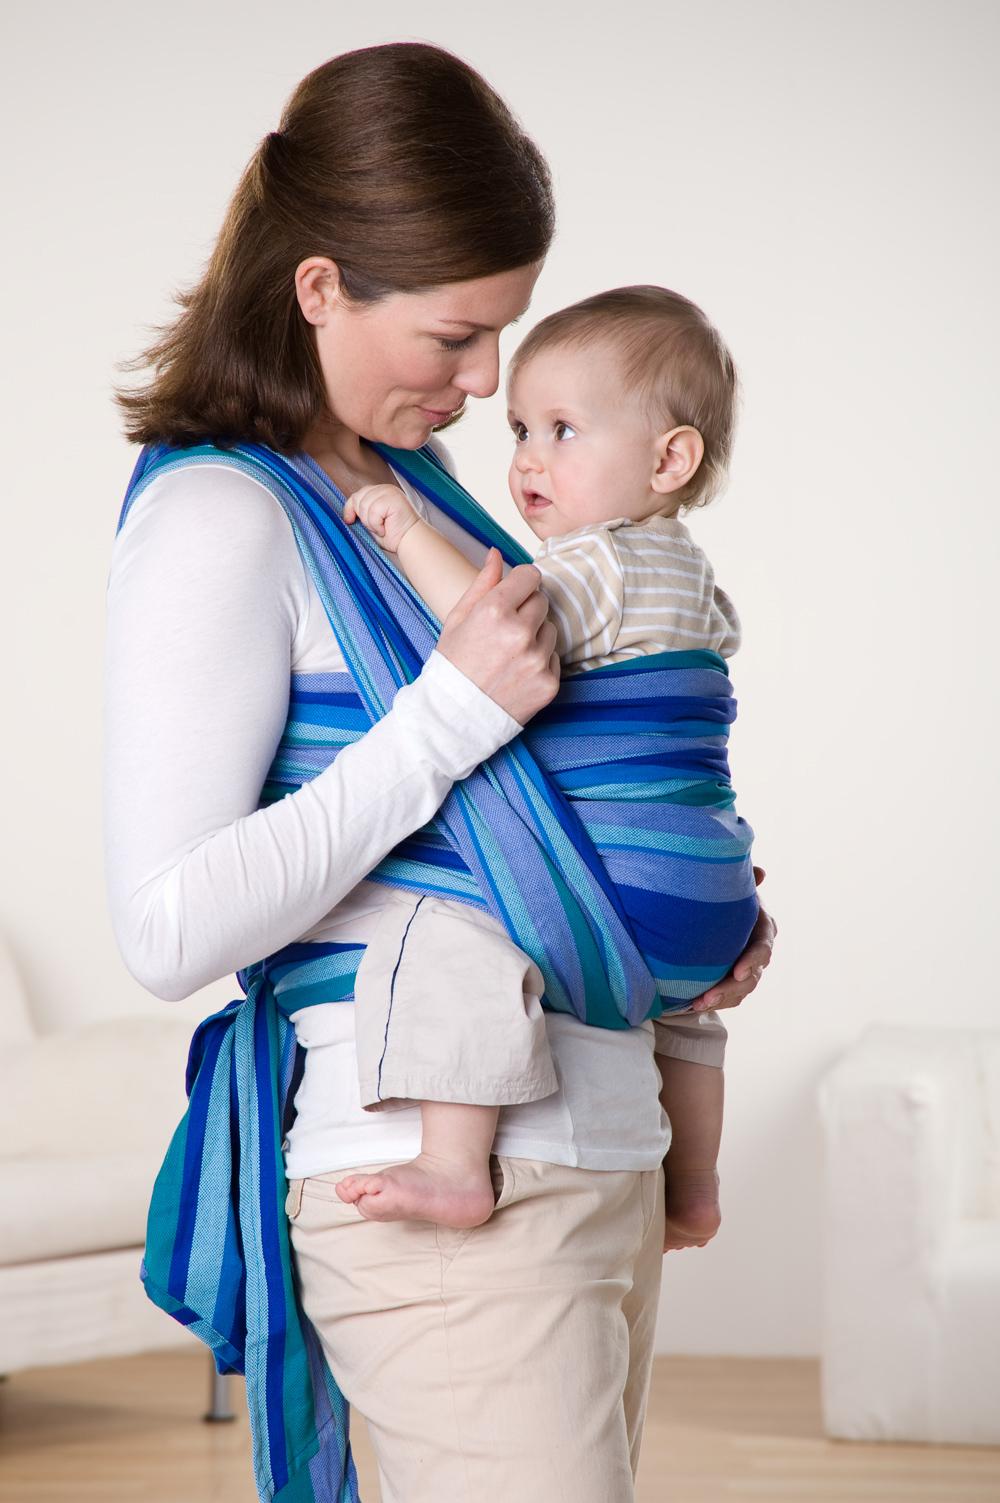 Šátek na nošení dětí Carry Sling Laguna 510  ccb5901e1f